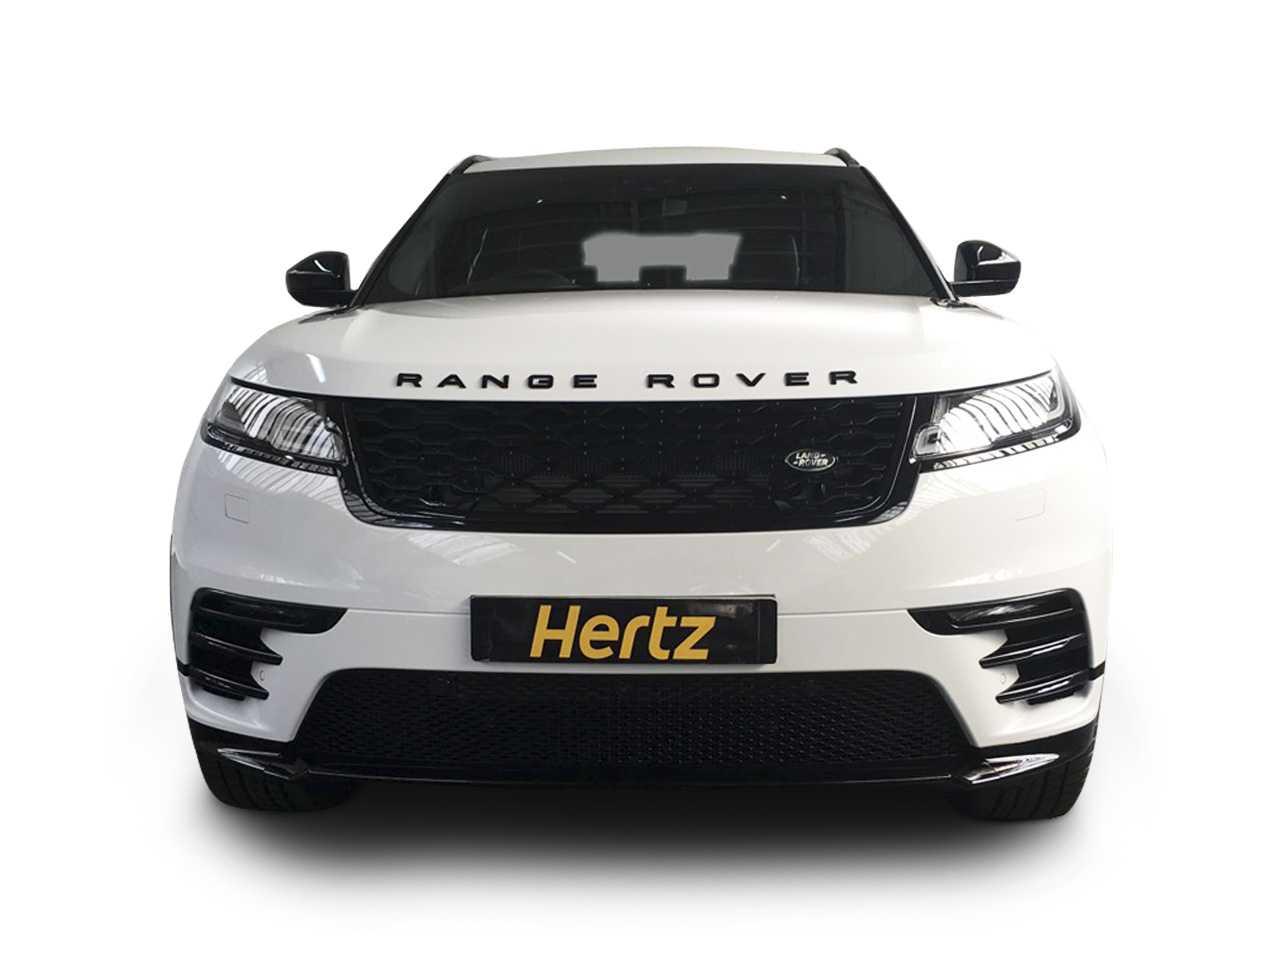 Range Rover Velar Car for hire